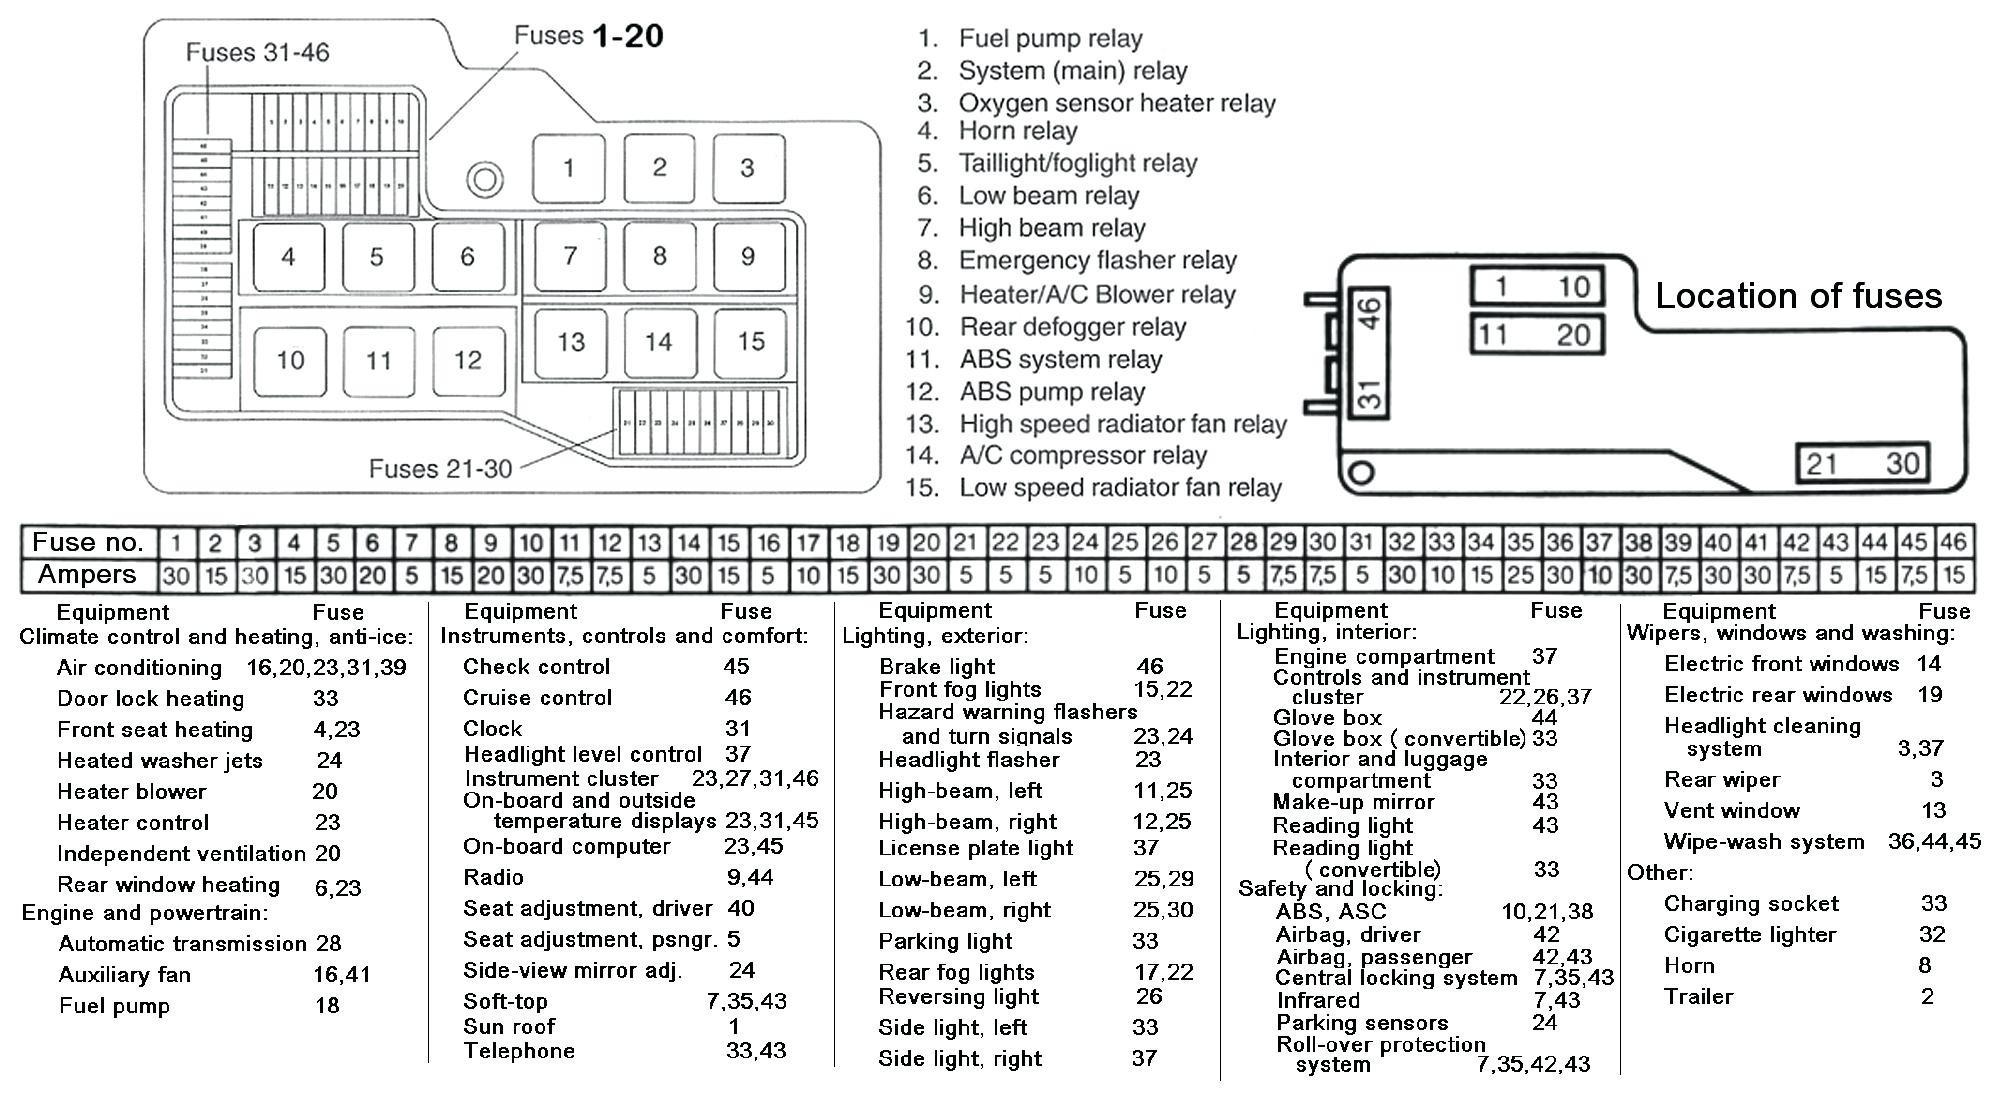 Car Fuse Diagram April 2018 – Homeopatia Design Ideas Of Car Fuse Diagram